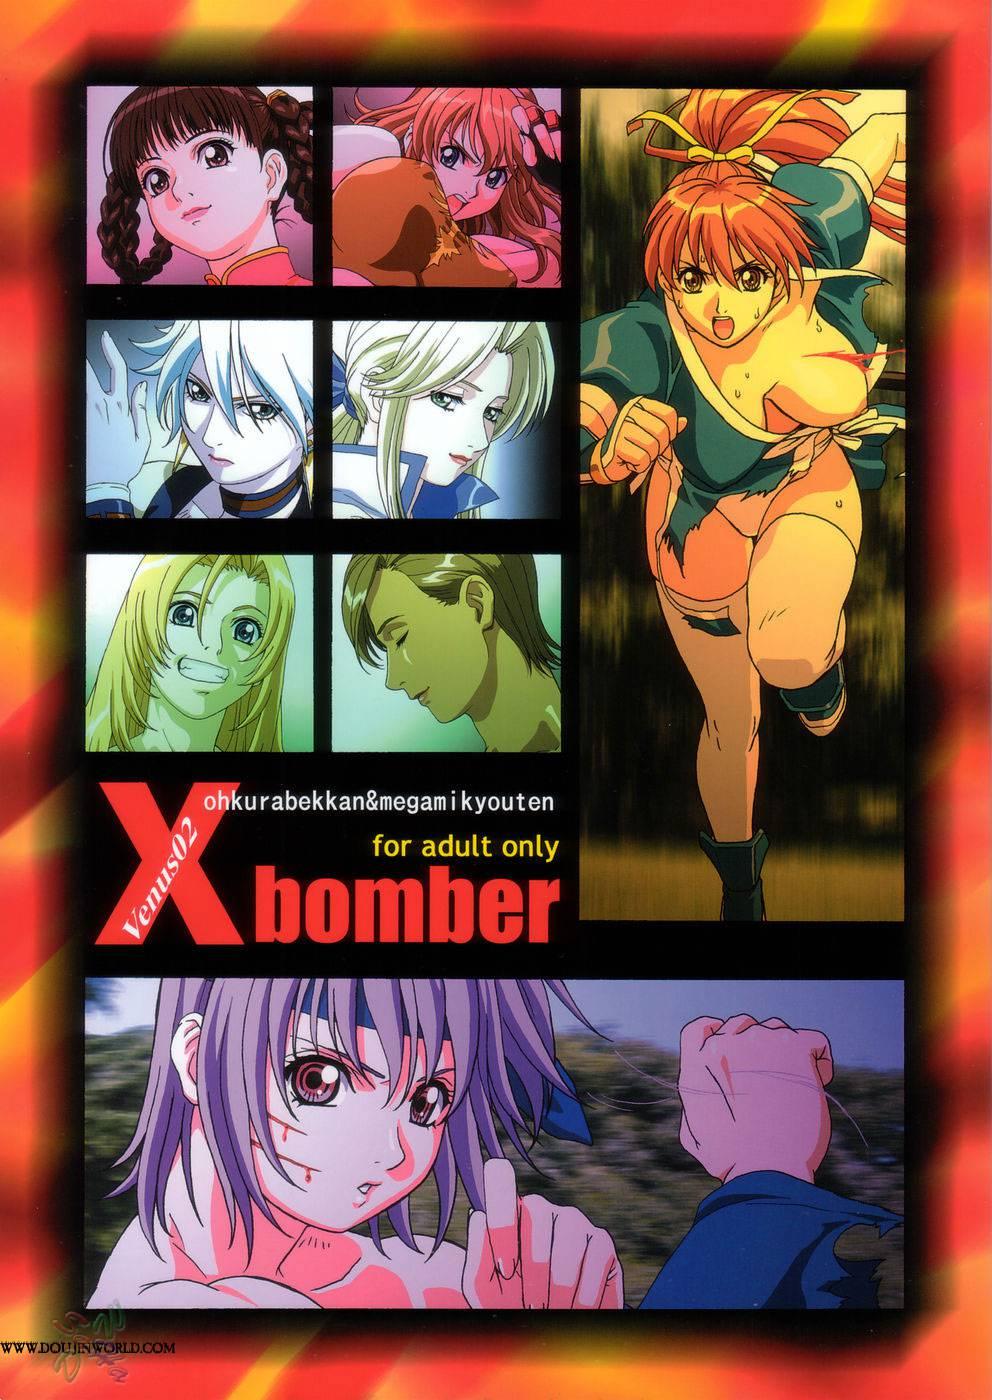 xBomber